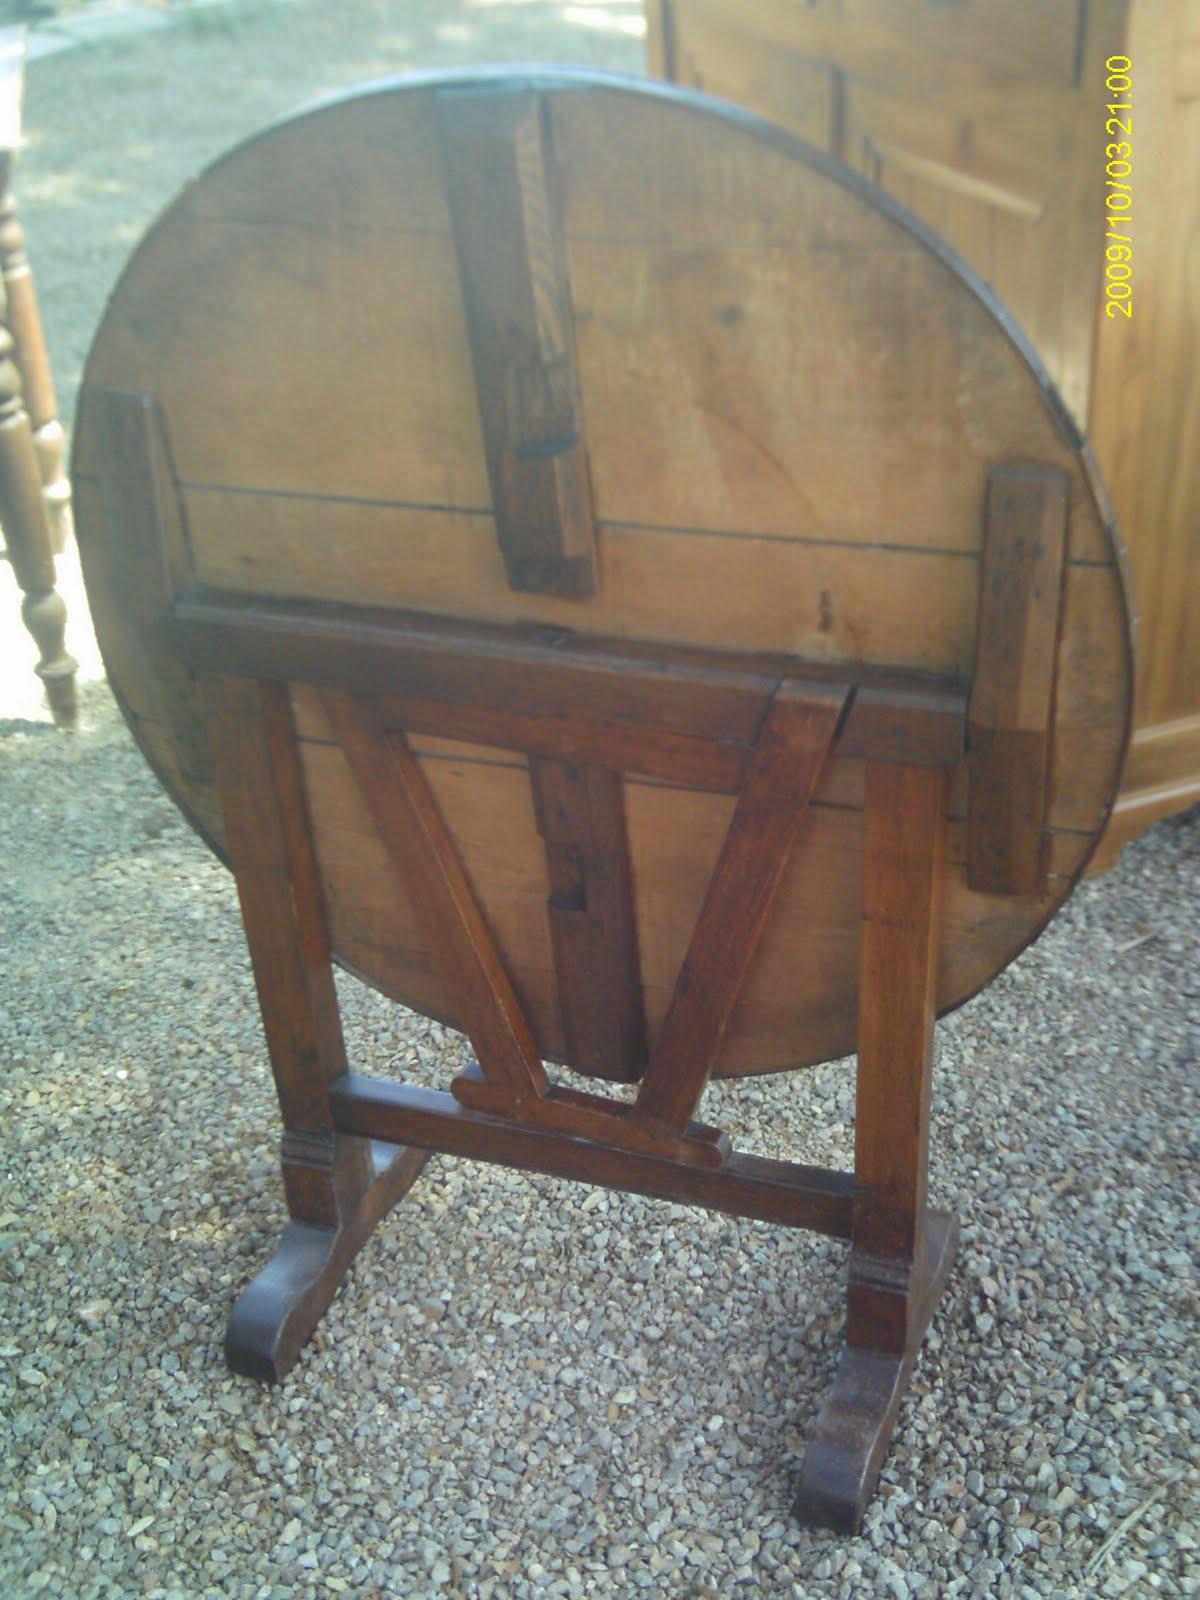 authentique petite table de vigneron ancien oenologie pliante rustique au fil du temps. Black Bedroom Furniture Sets. Home Design Ideas